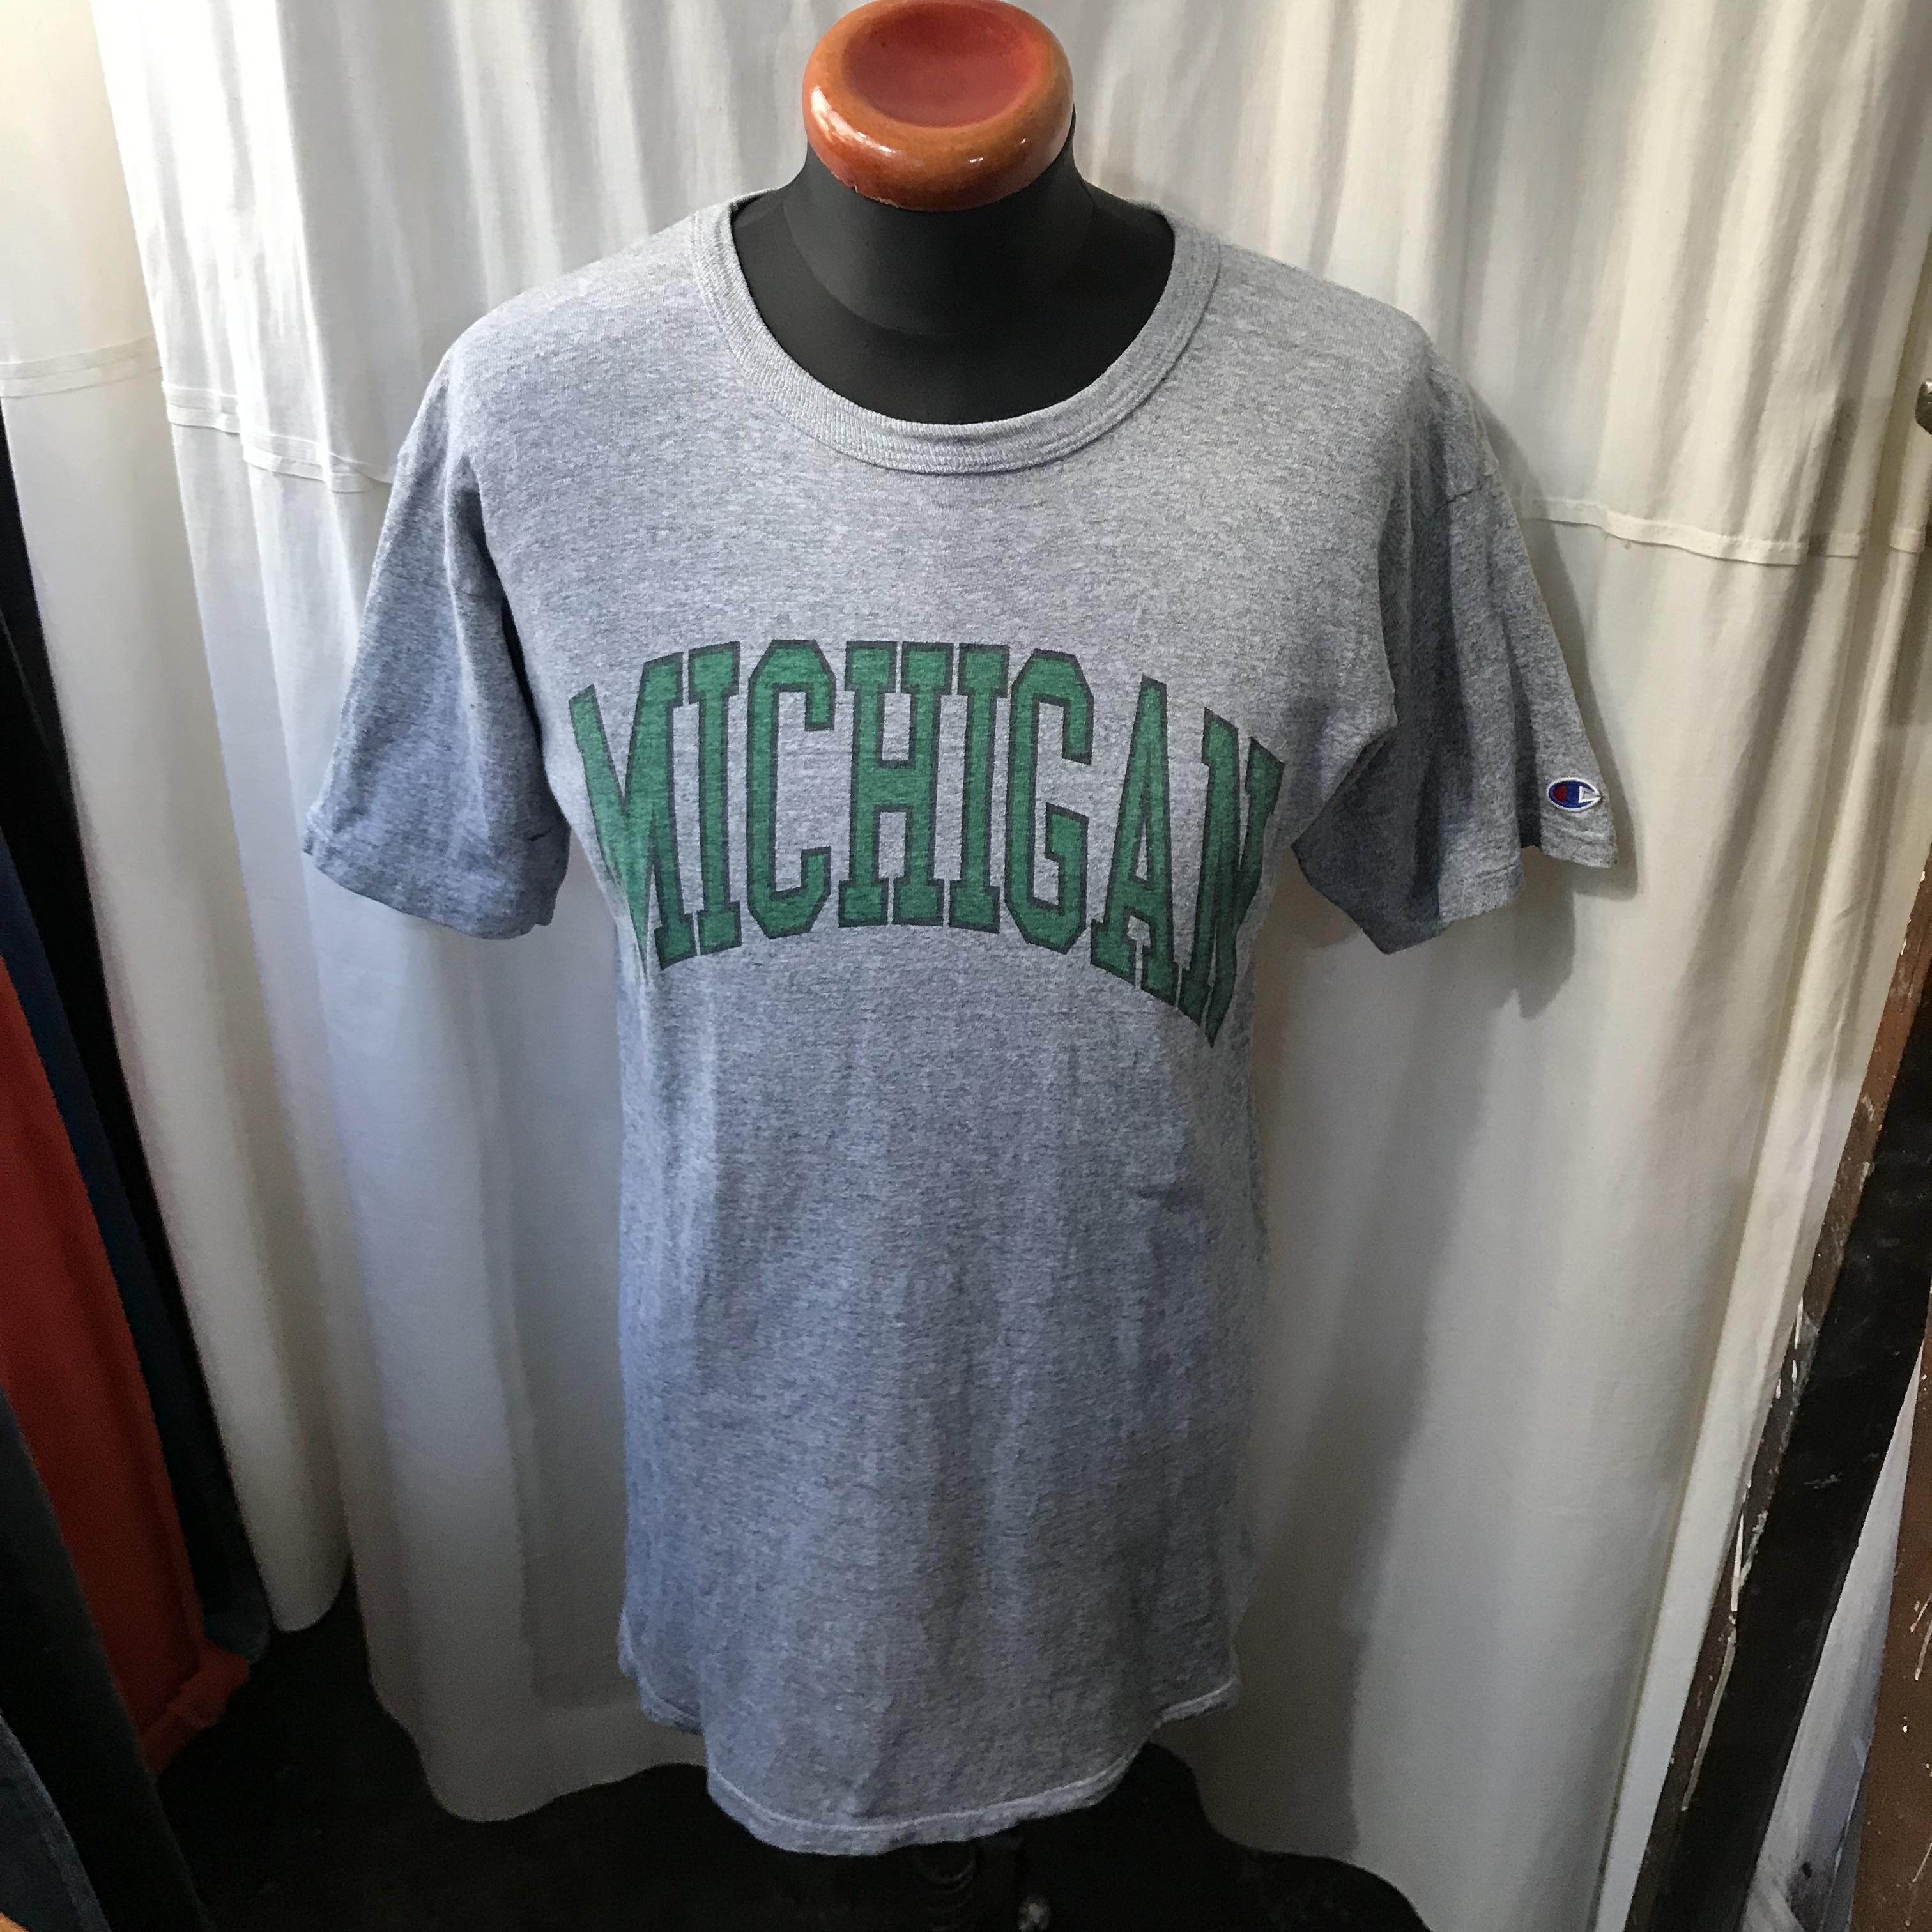 80's old champion チャンピオン 8812 染み込みプリント半袖Tシャツ メンズL